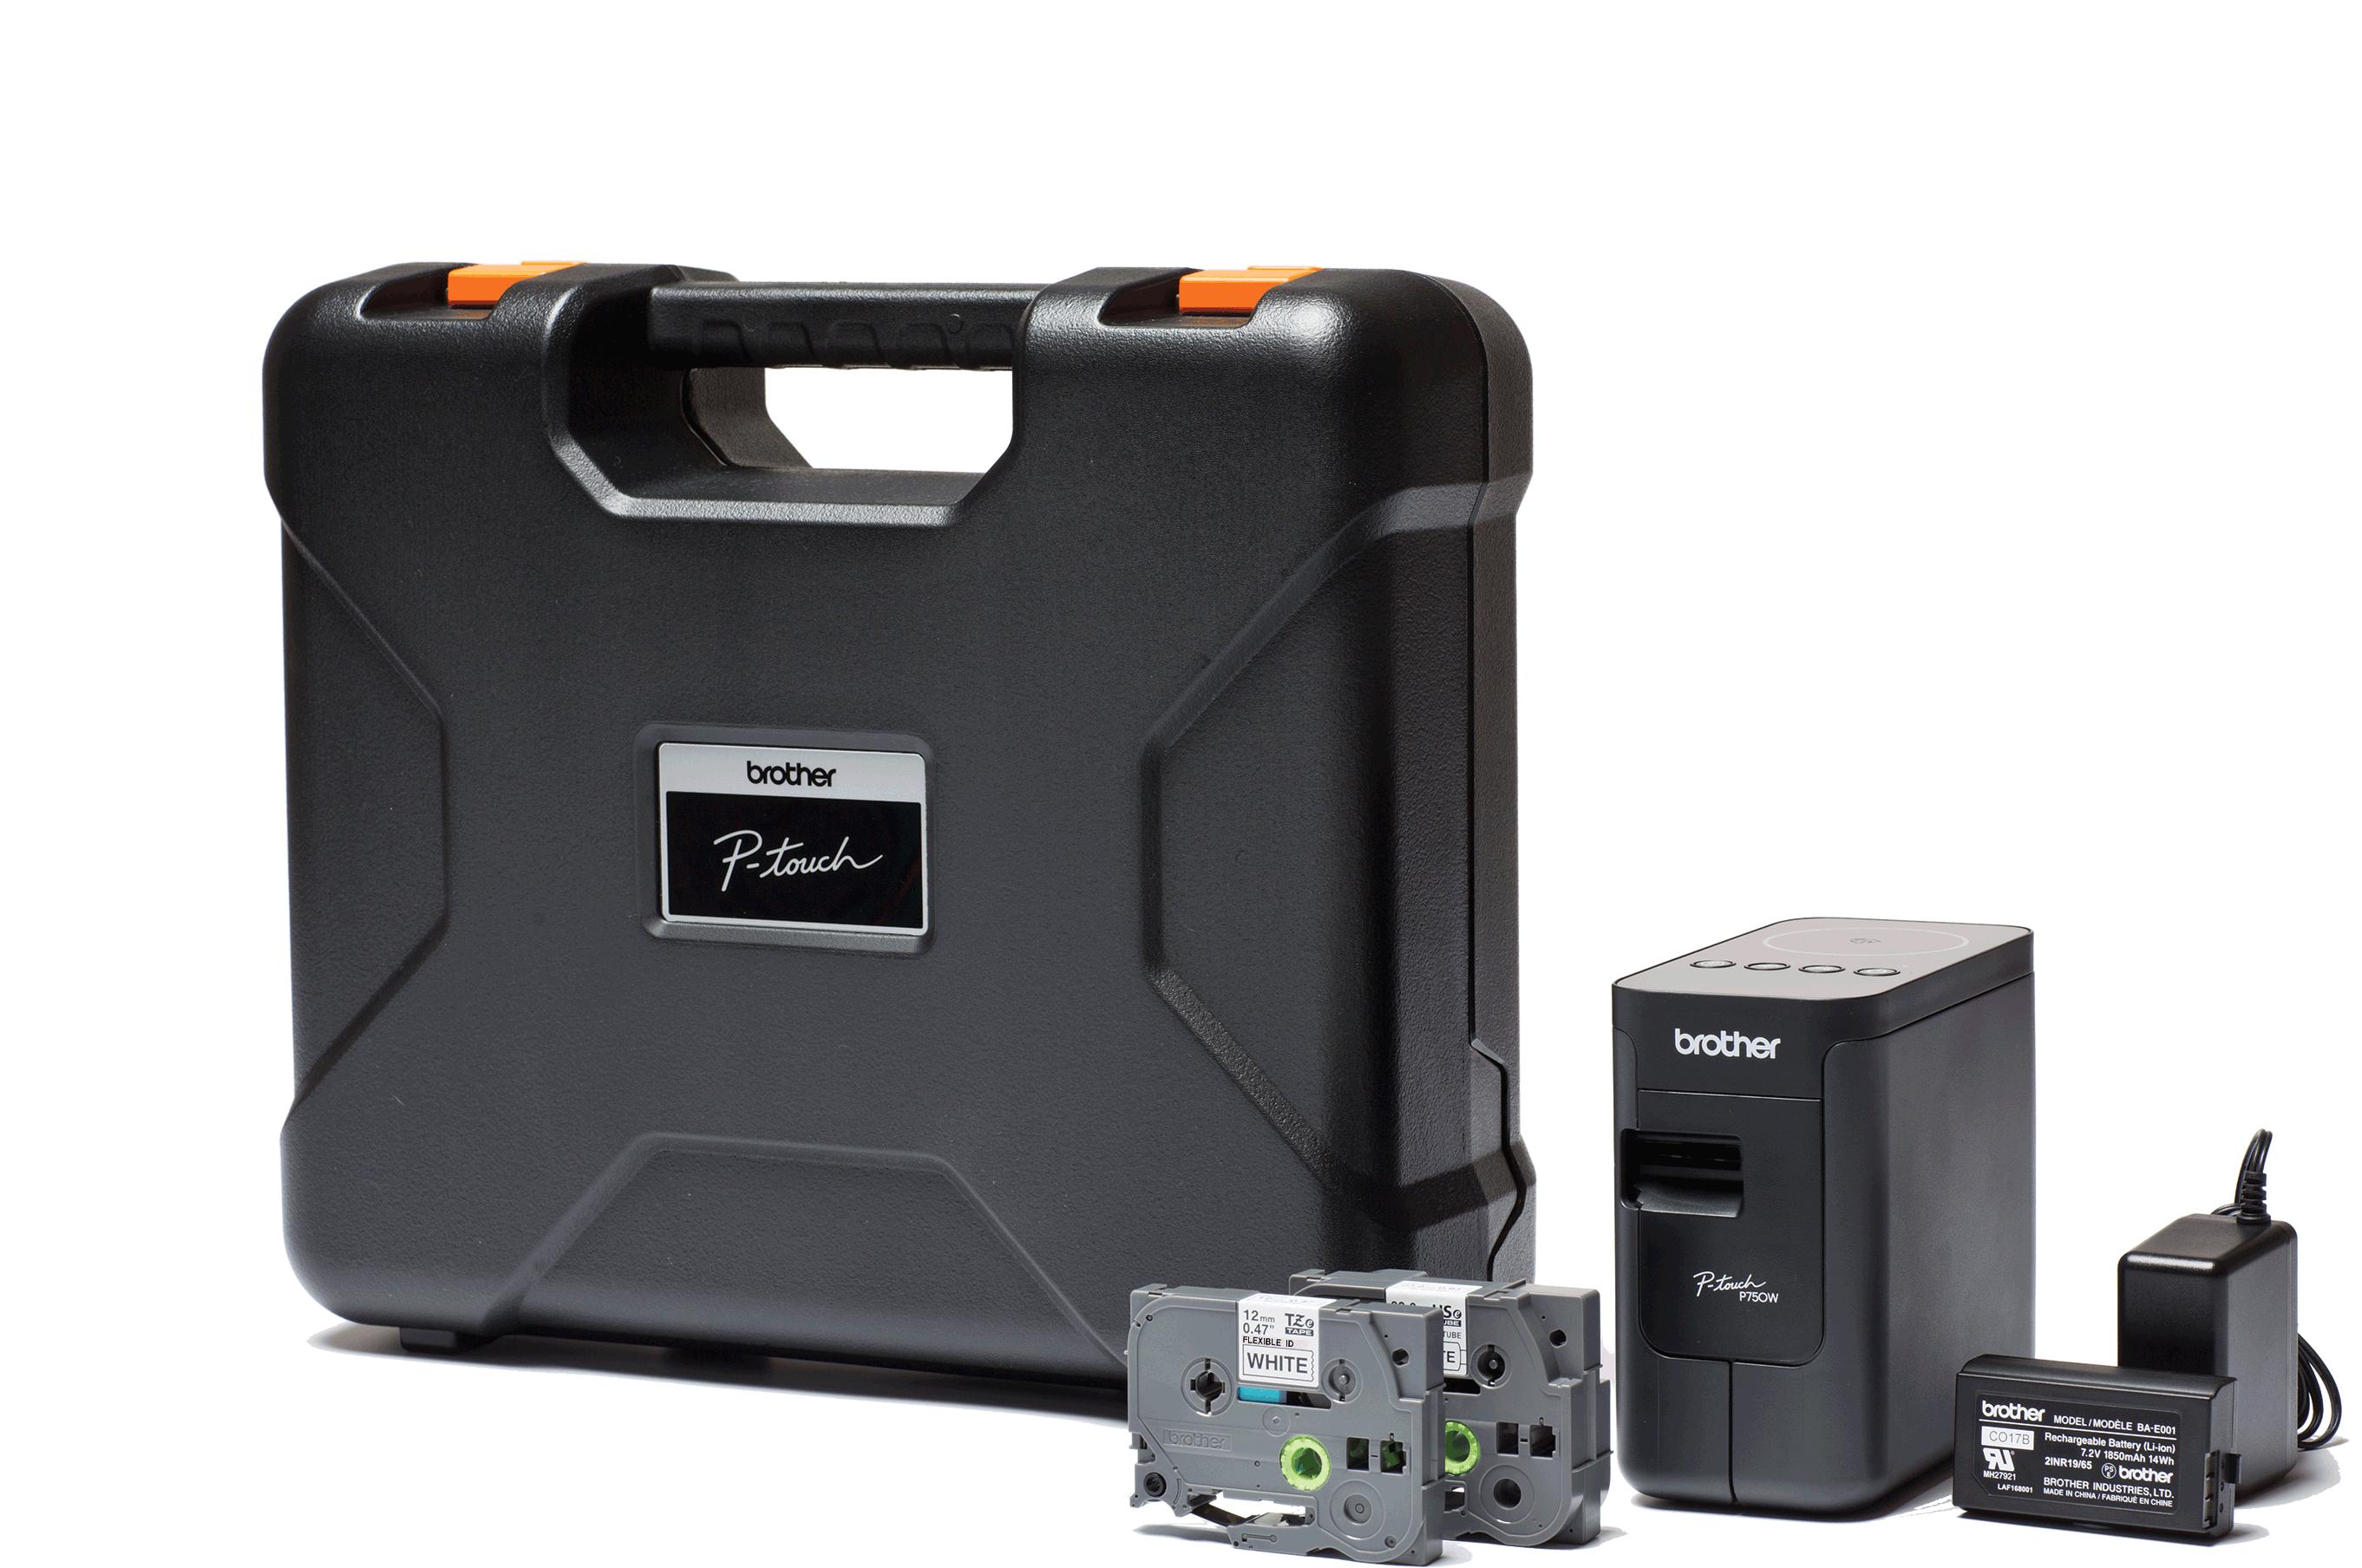 Merkemaskin Brother PTP750TDI med koffert og tilbehør